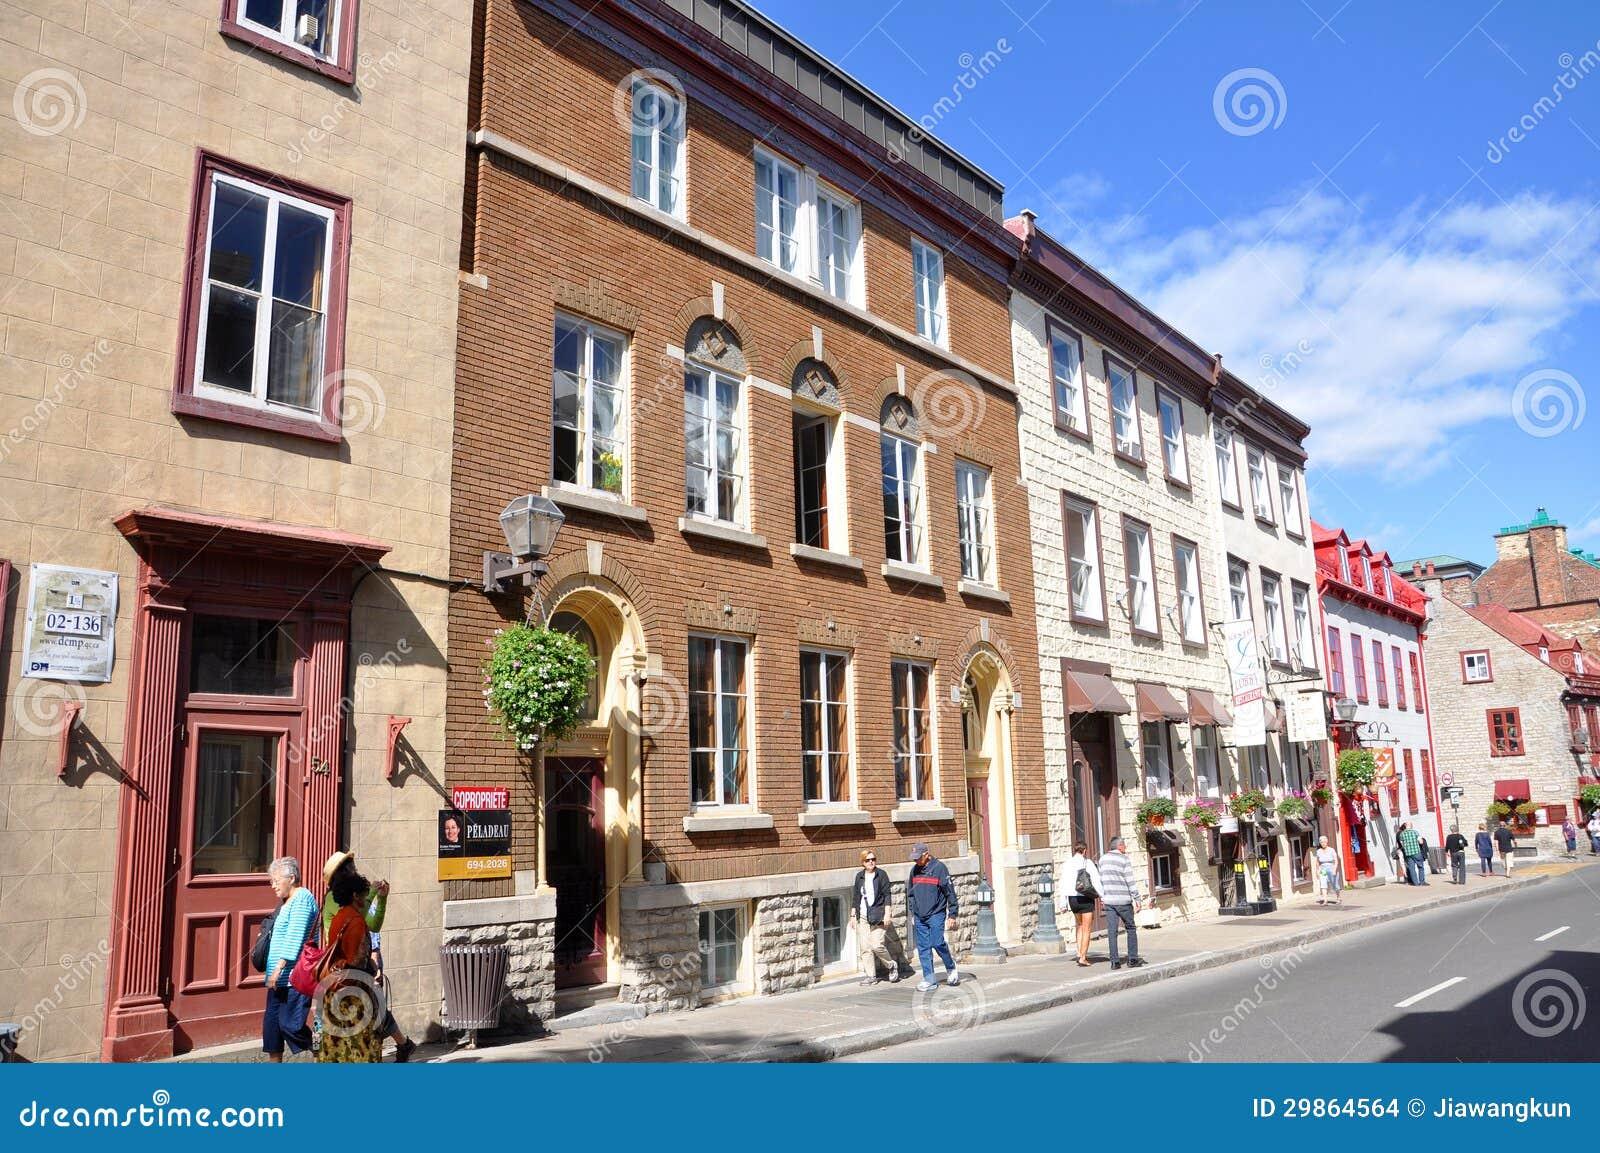 Hotel Rue St Louis Quebec